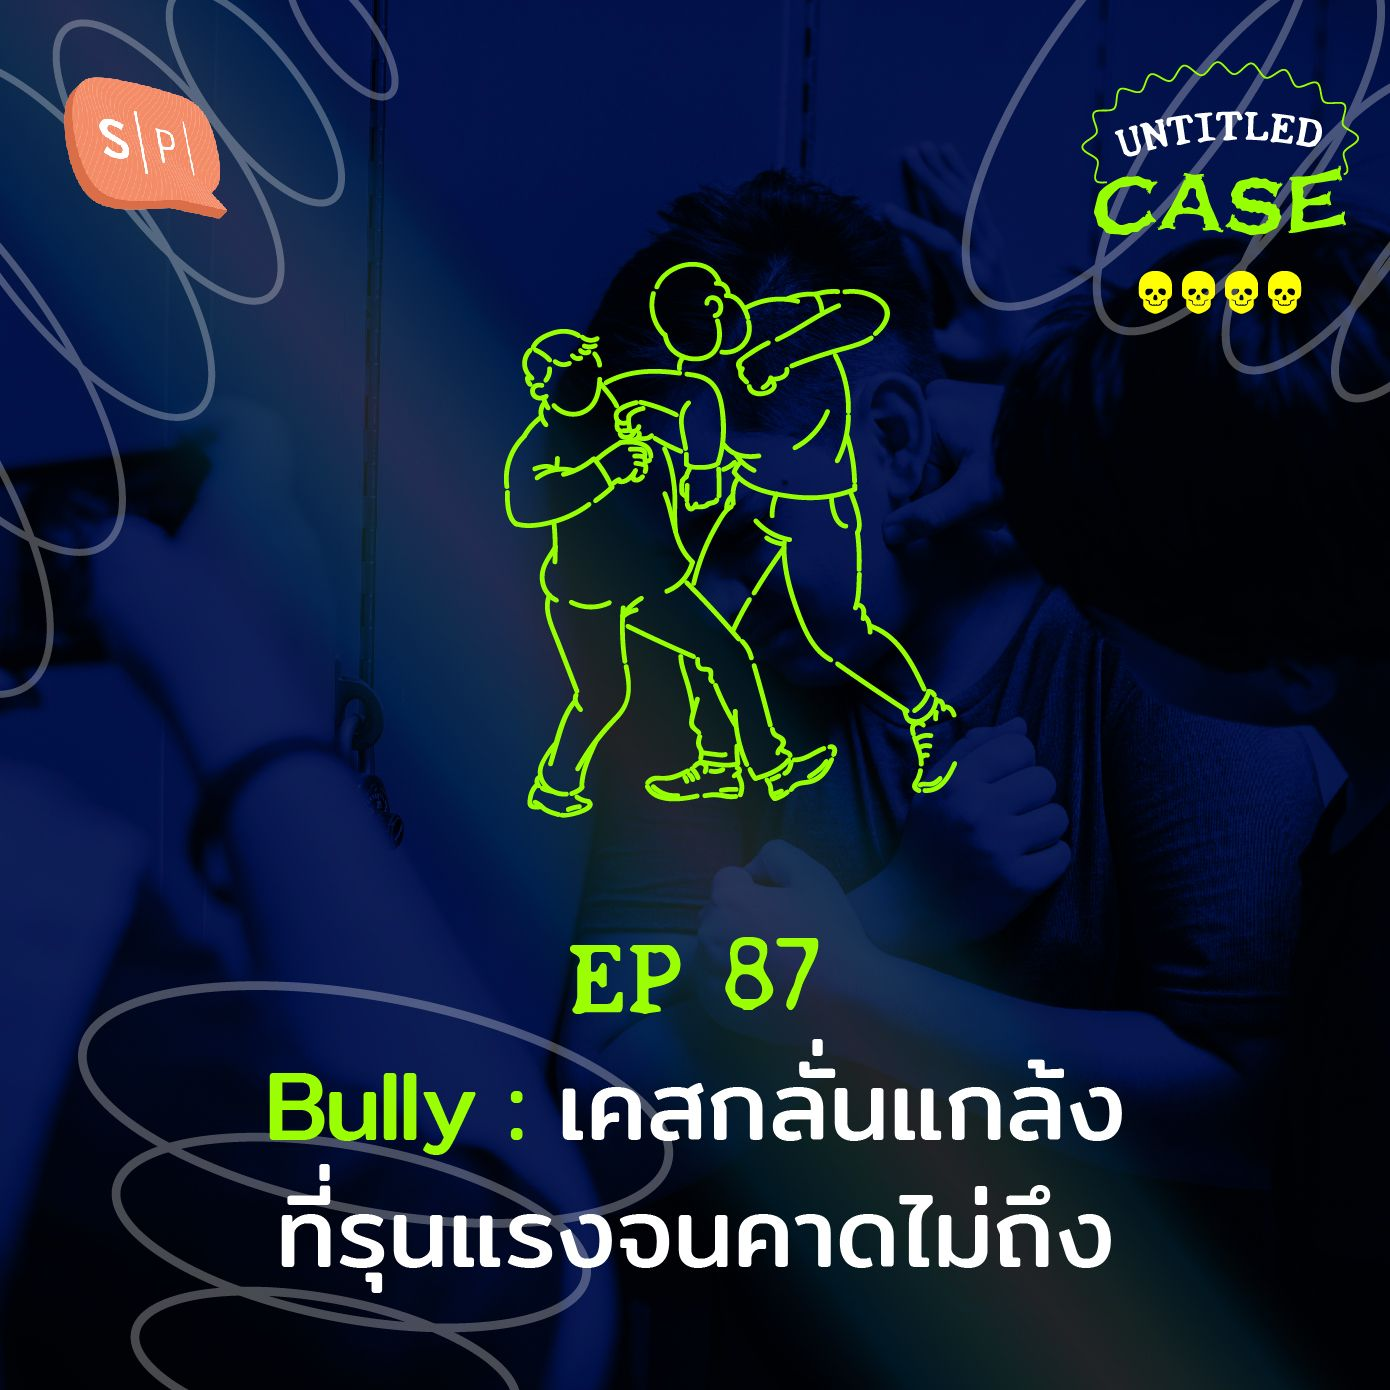 Bully เคสกลั่นแกล้ง ที่รุนแรงจนคาดไม่ถึง | Untitled Case EP87